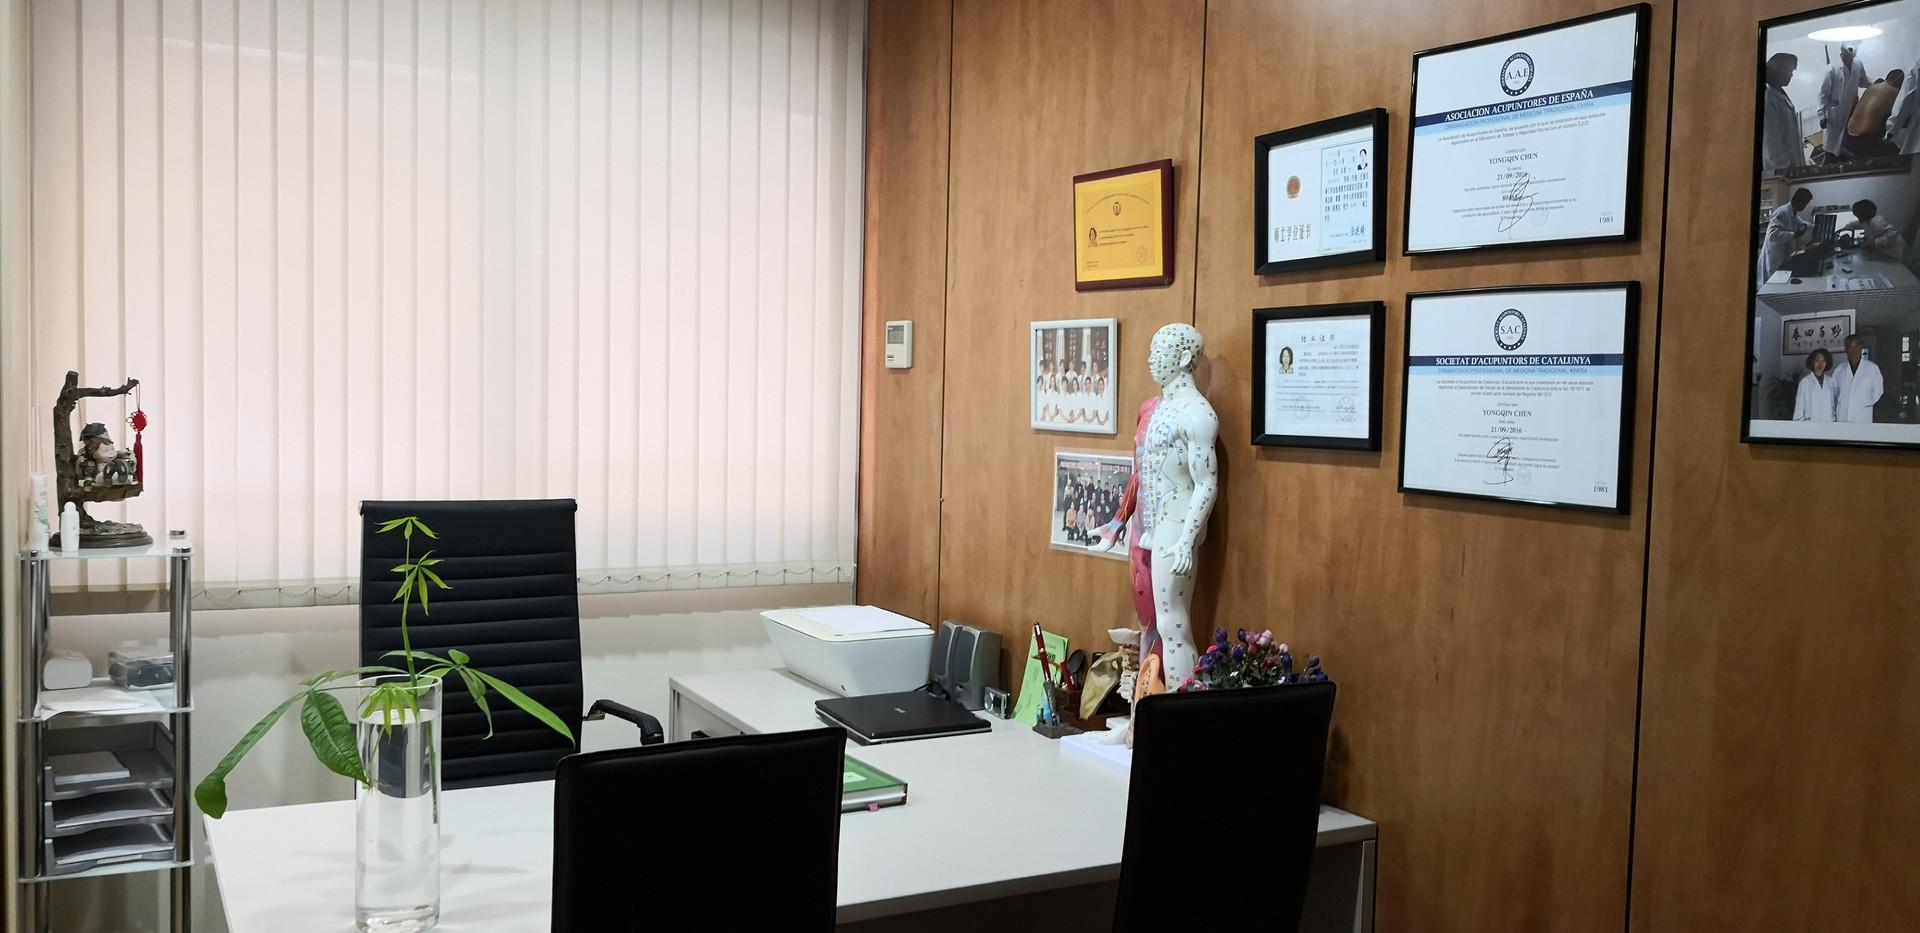 Despacho gerencia